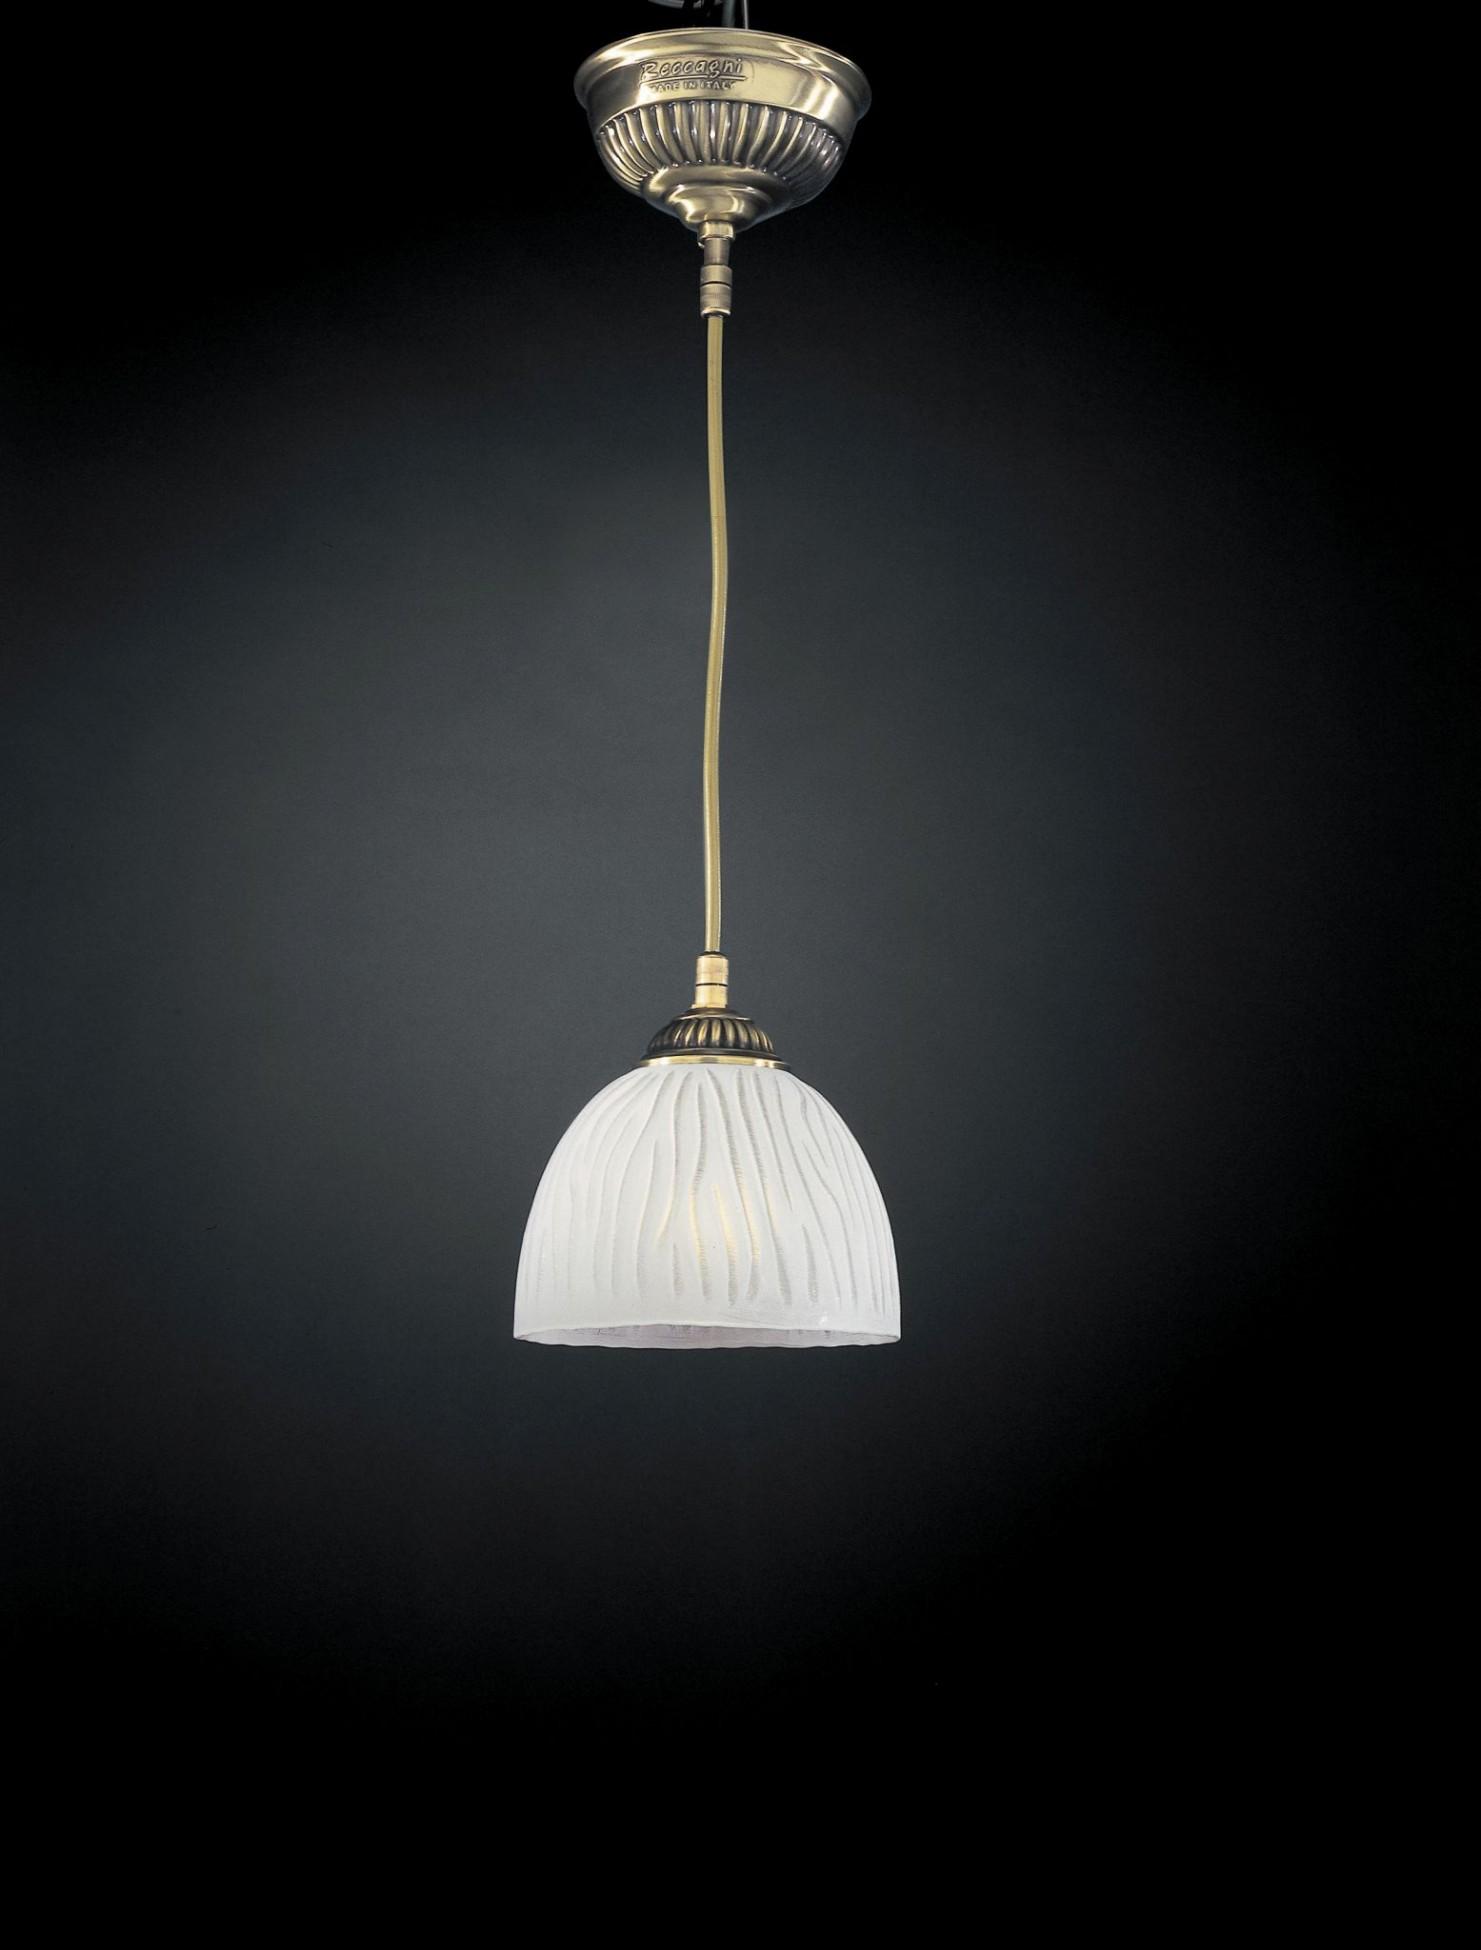 Lampada da soffitto a sospensione in vetro bianco striato for Lampade da comodino leroy merlin